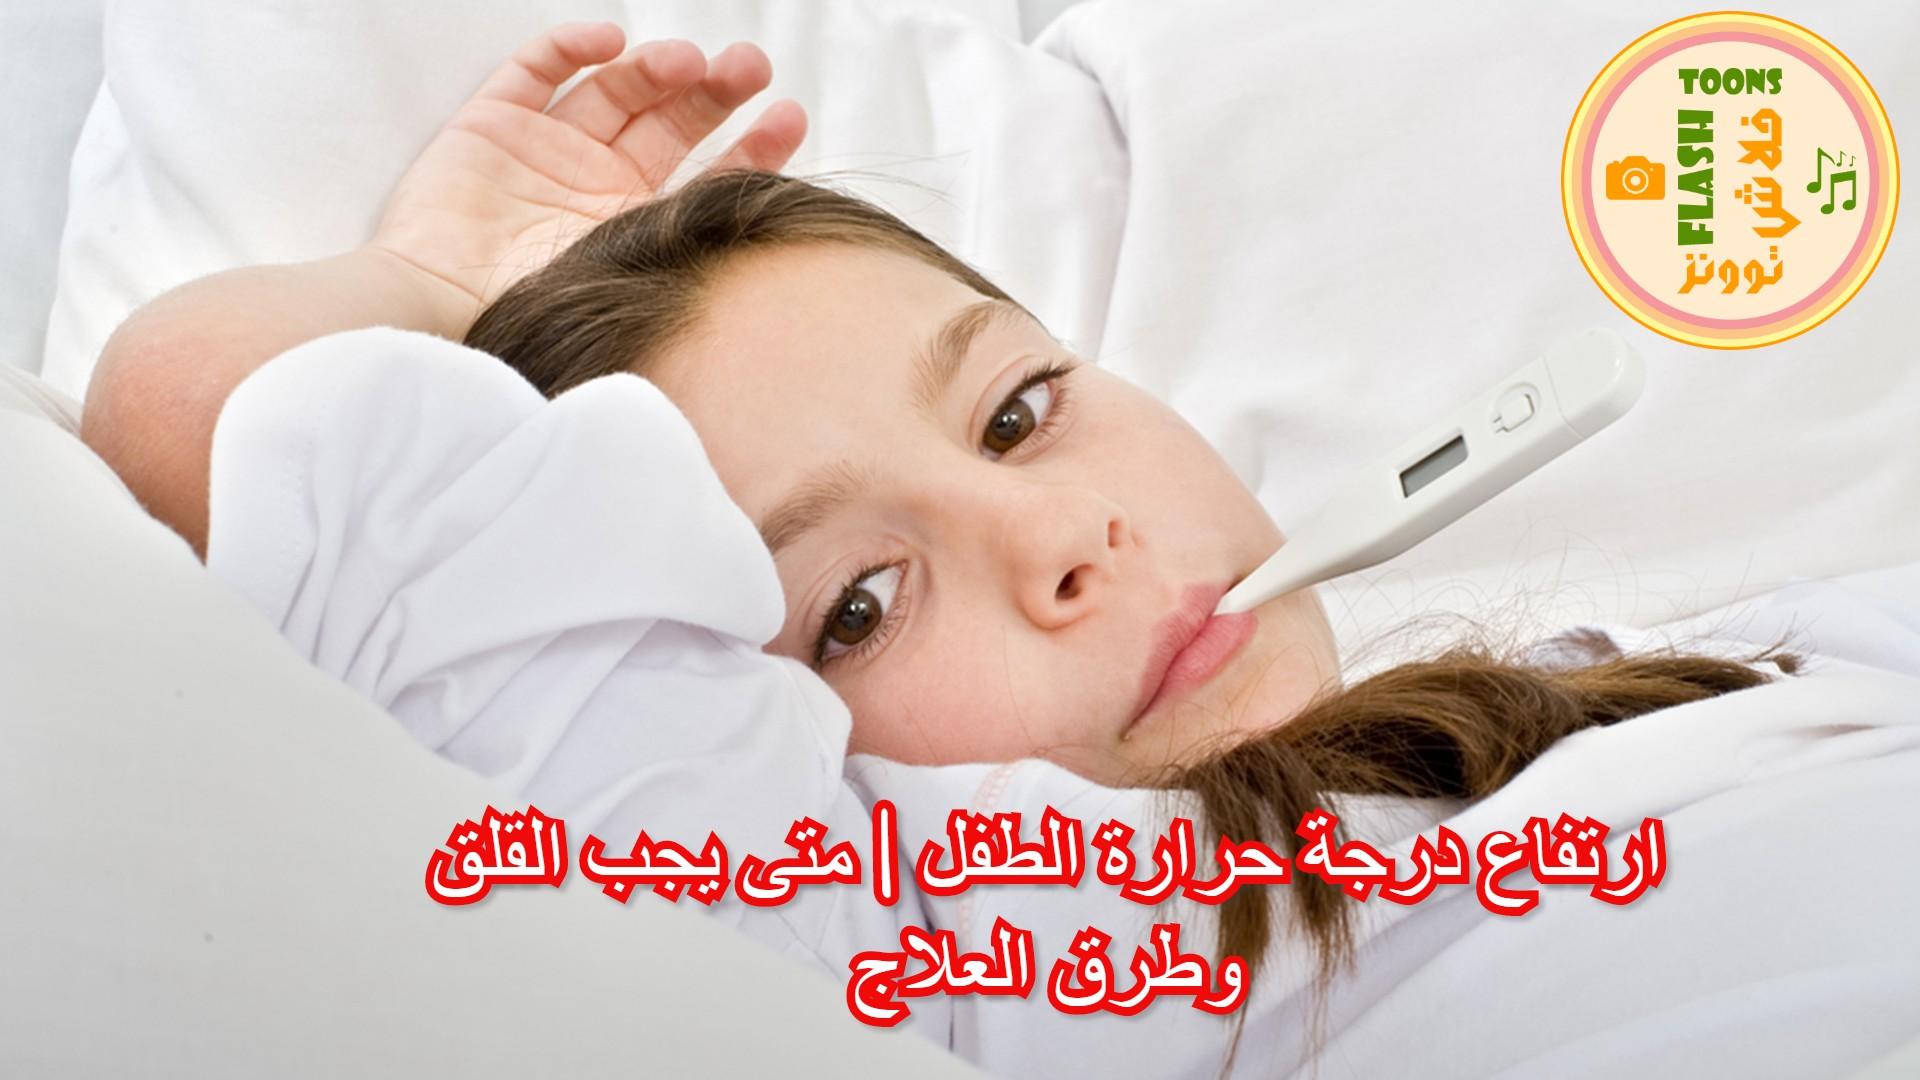 ارتفاع درجة حرارة الطفل متى يجب القلق وما هي طرق العلاج فلاش توونز